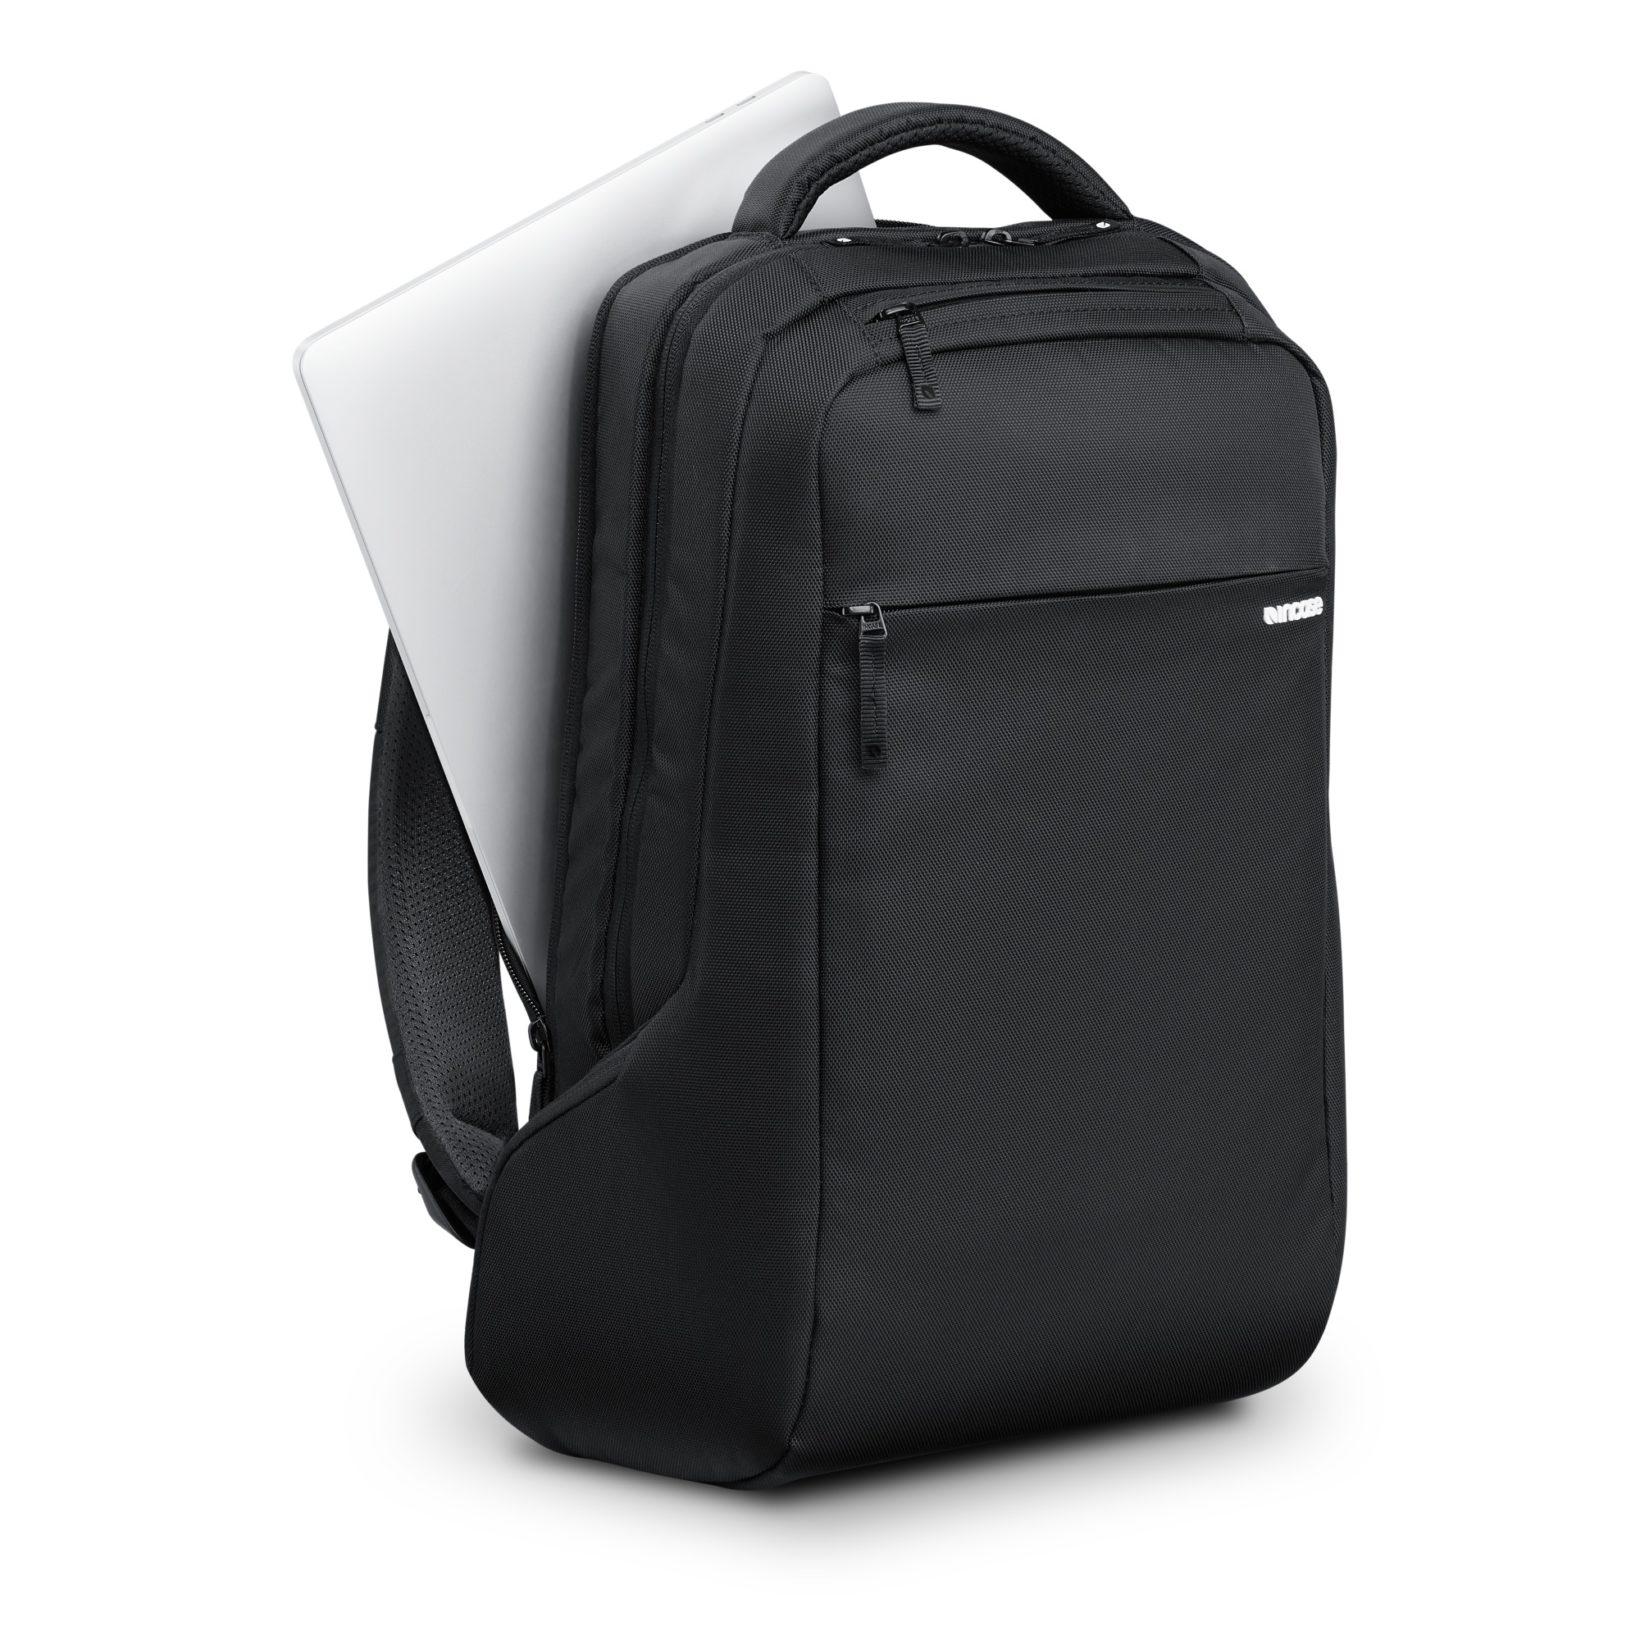 accessori per macbook pro